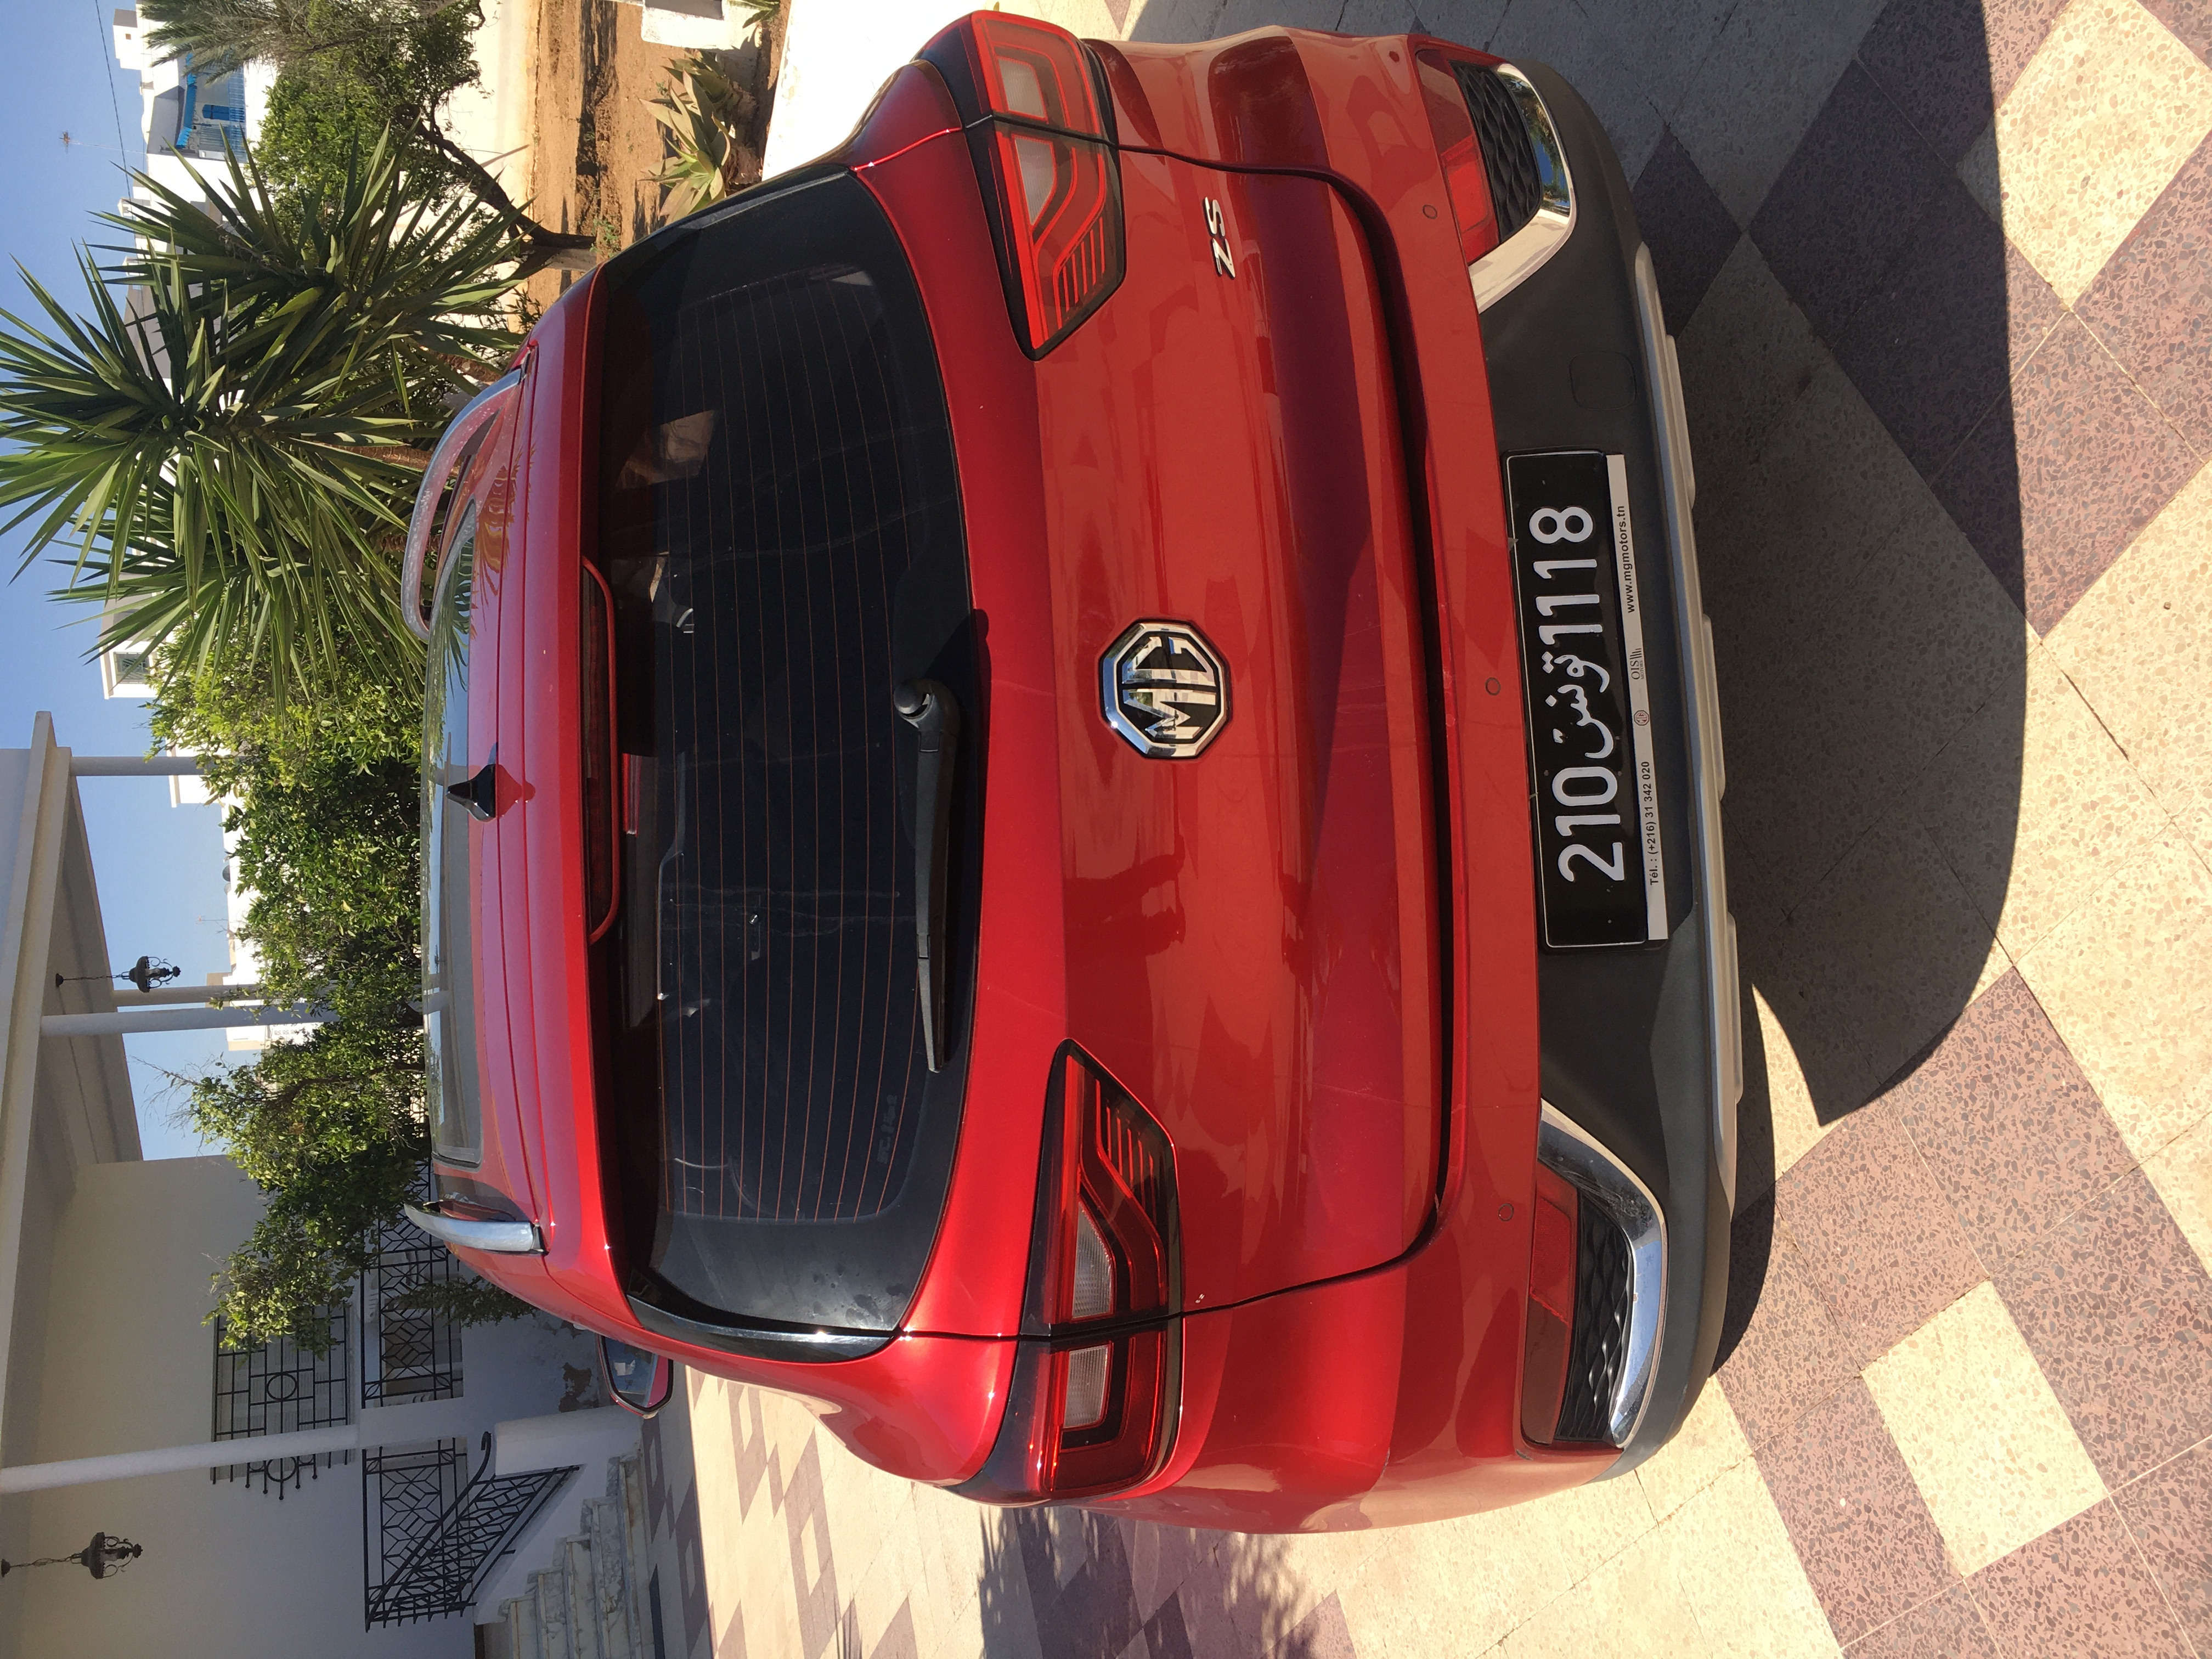 vente voiture occasion boite automatique tunisie mg zs